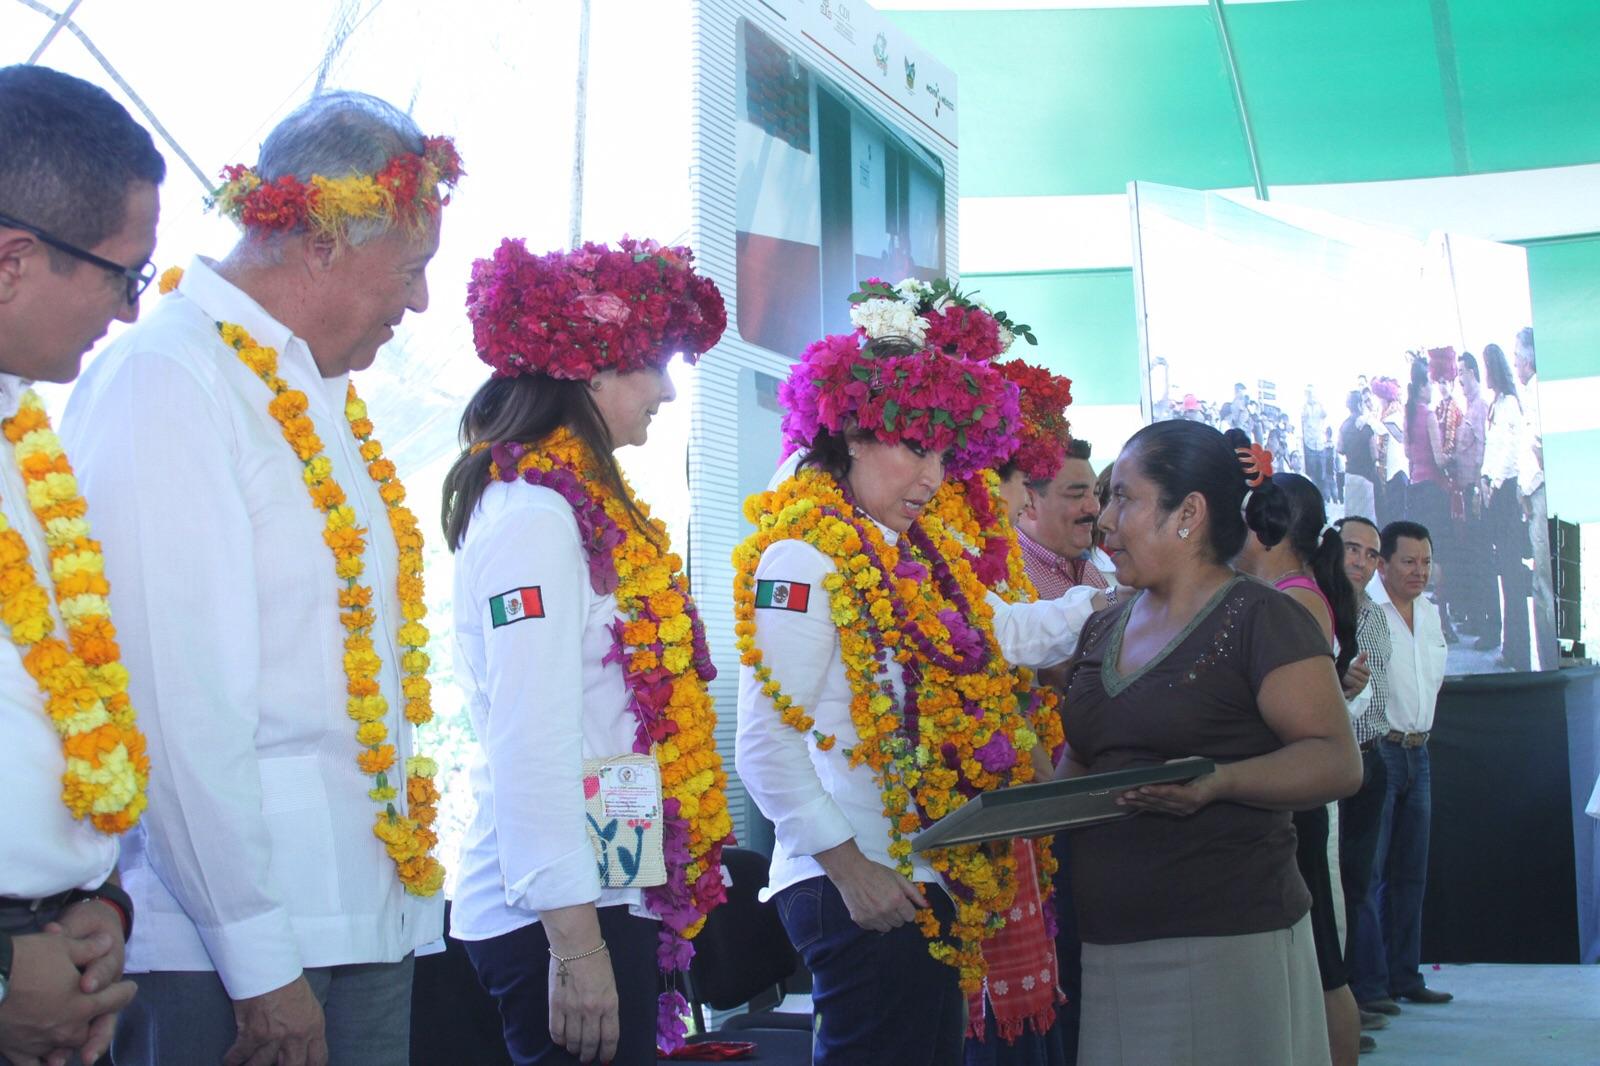 Acompañada del gobernador de Hidalgo, Francisco Olvera Ruíz, entrega llaves y escrituras a beneficiarios de vivienda en la huasteca hidalguense.